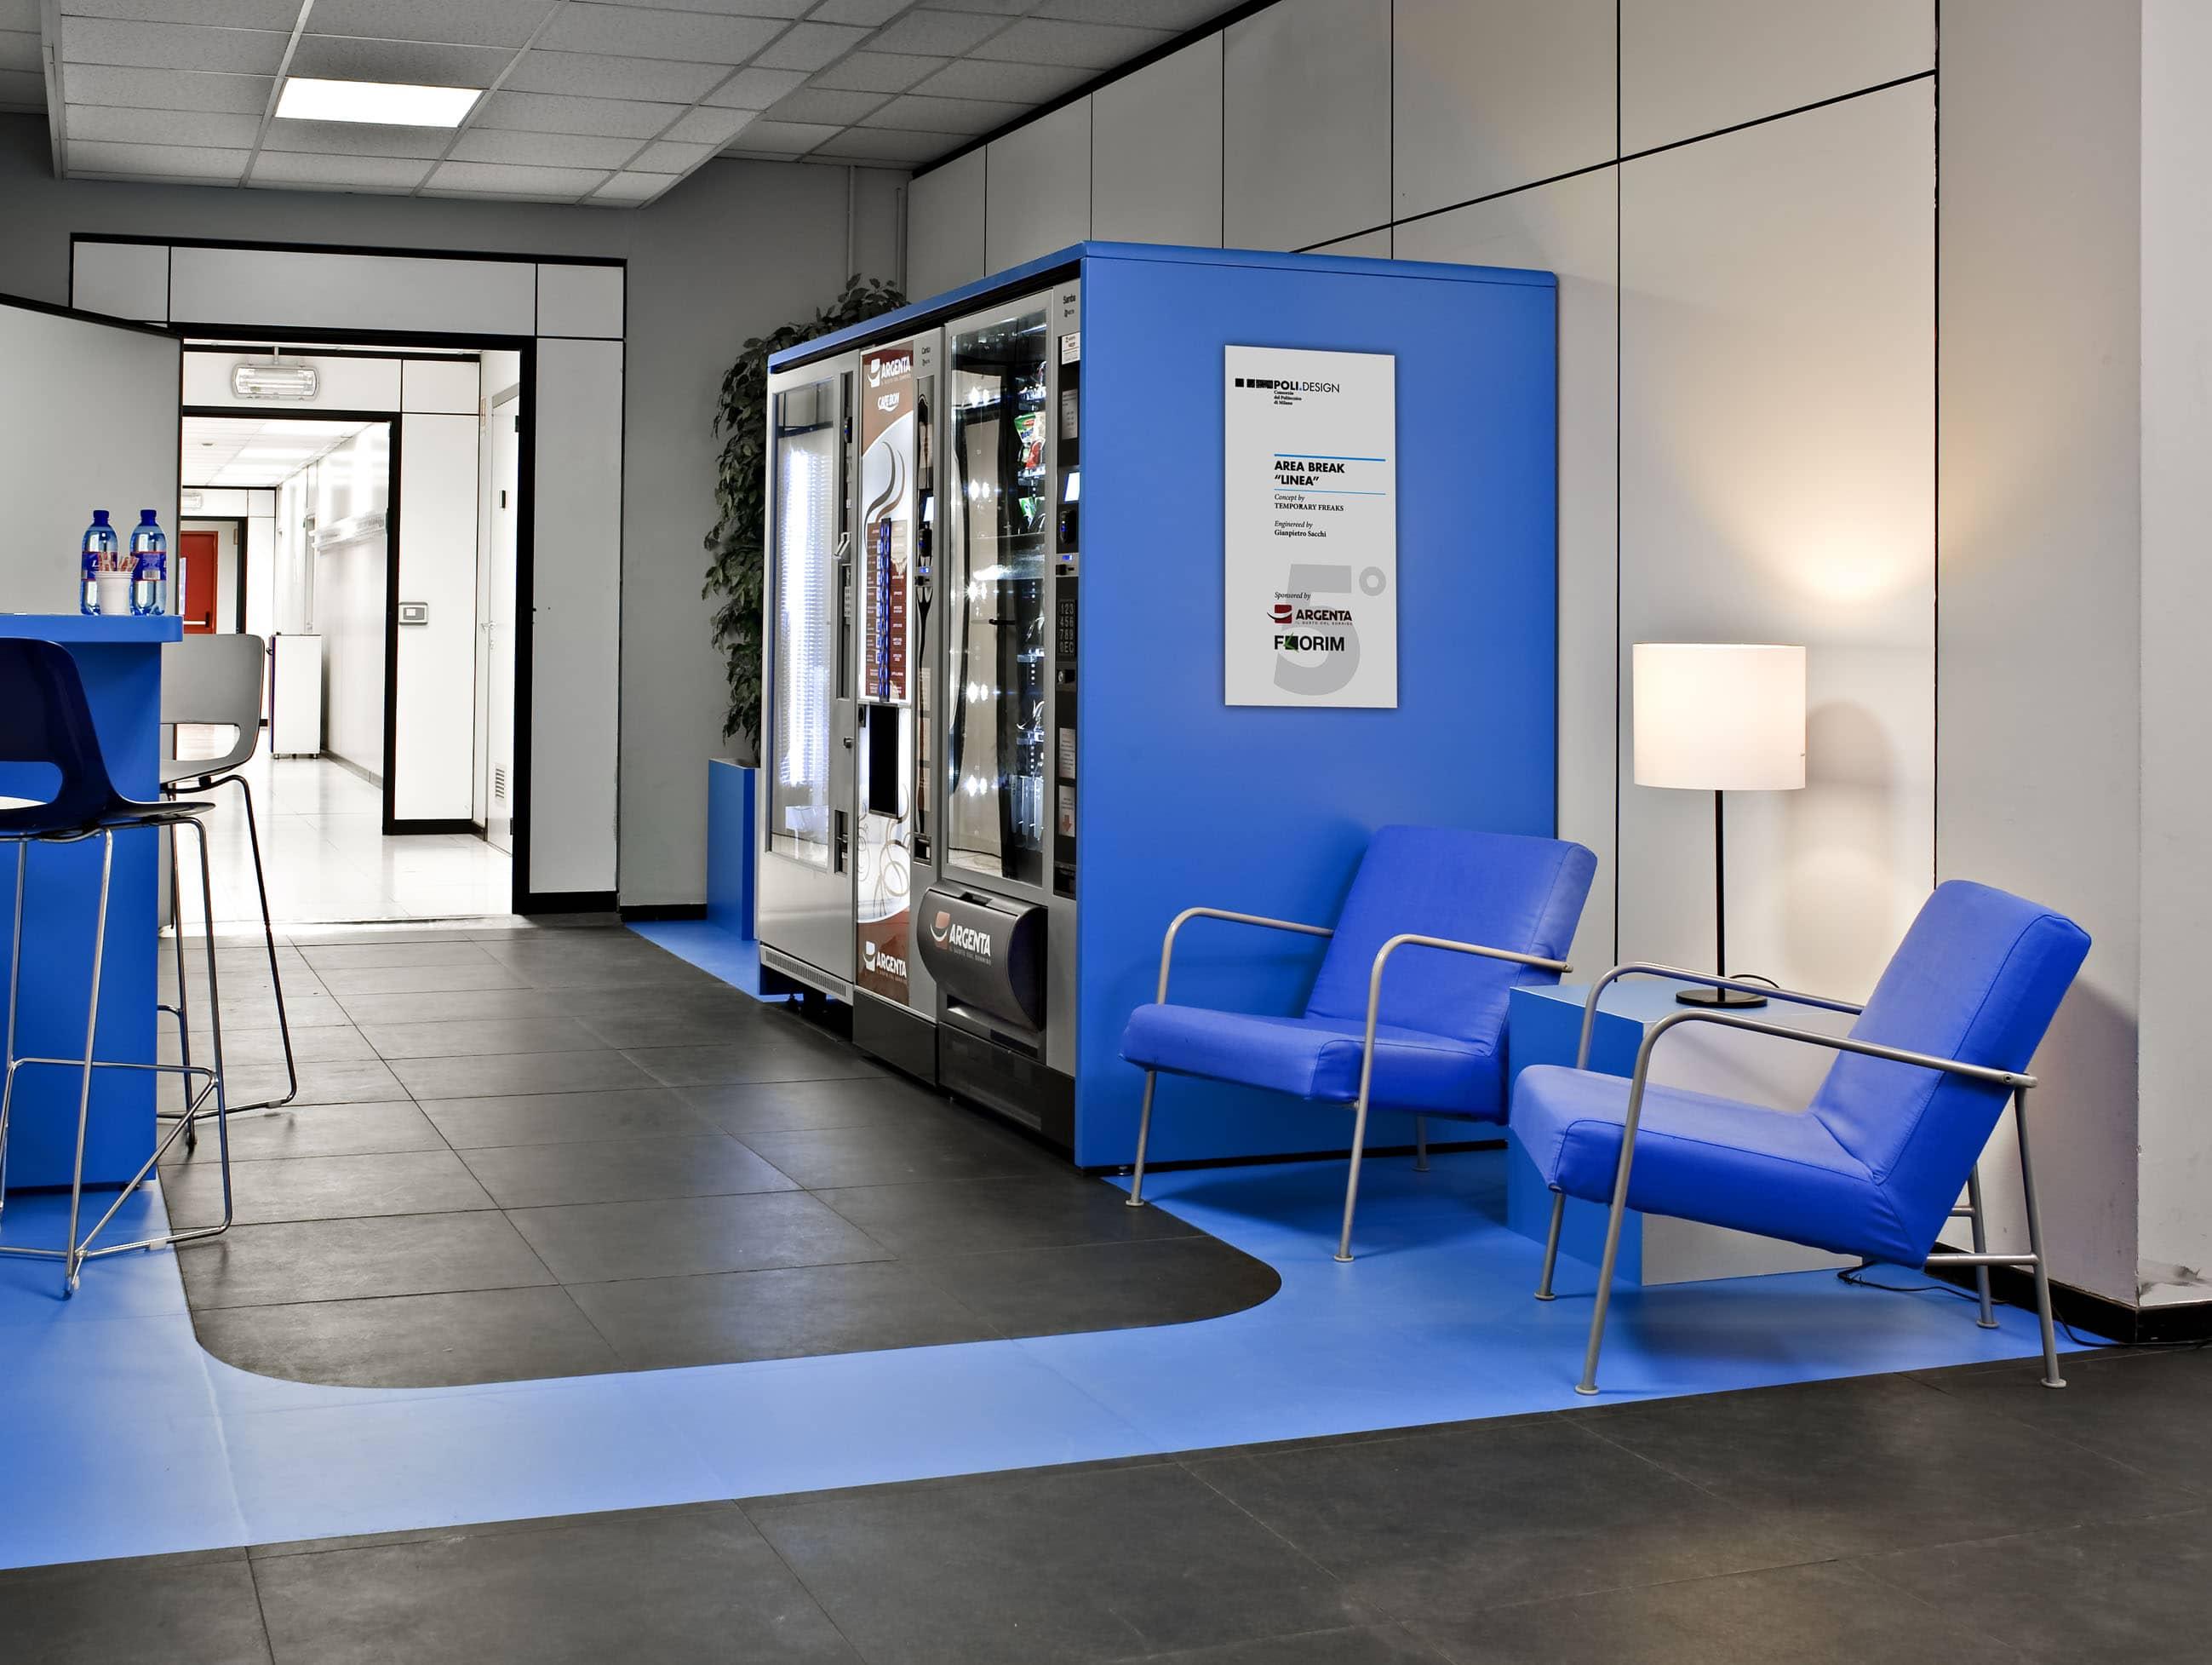 Da argenta e poli design arriva linea la nuova area break for Poli design